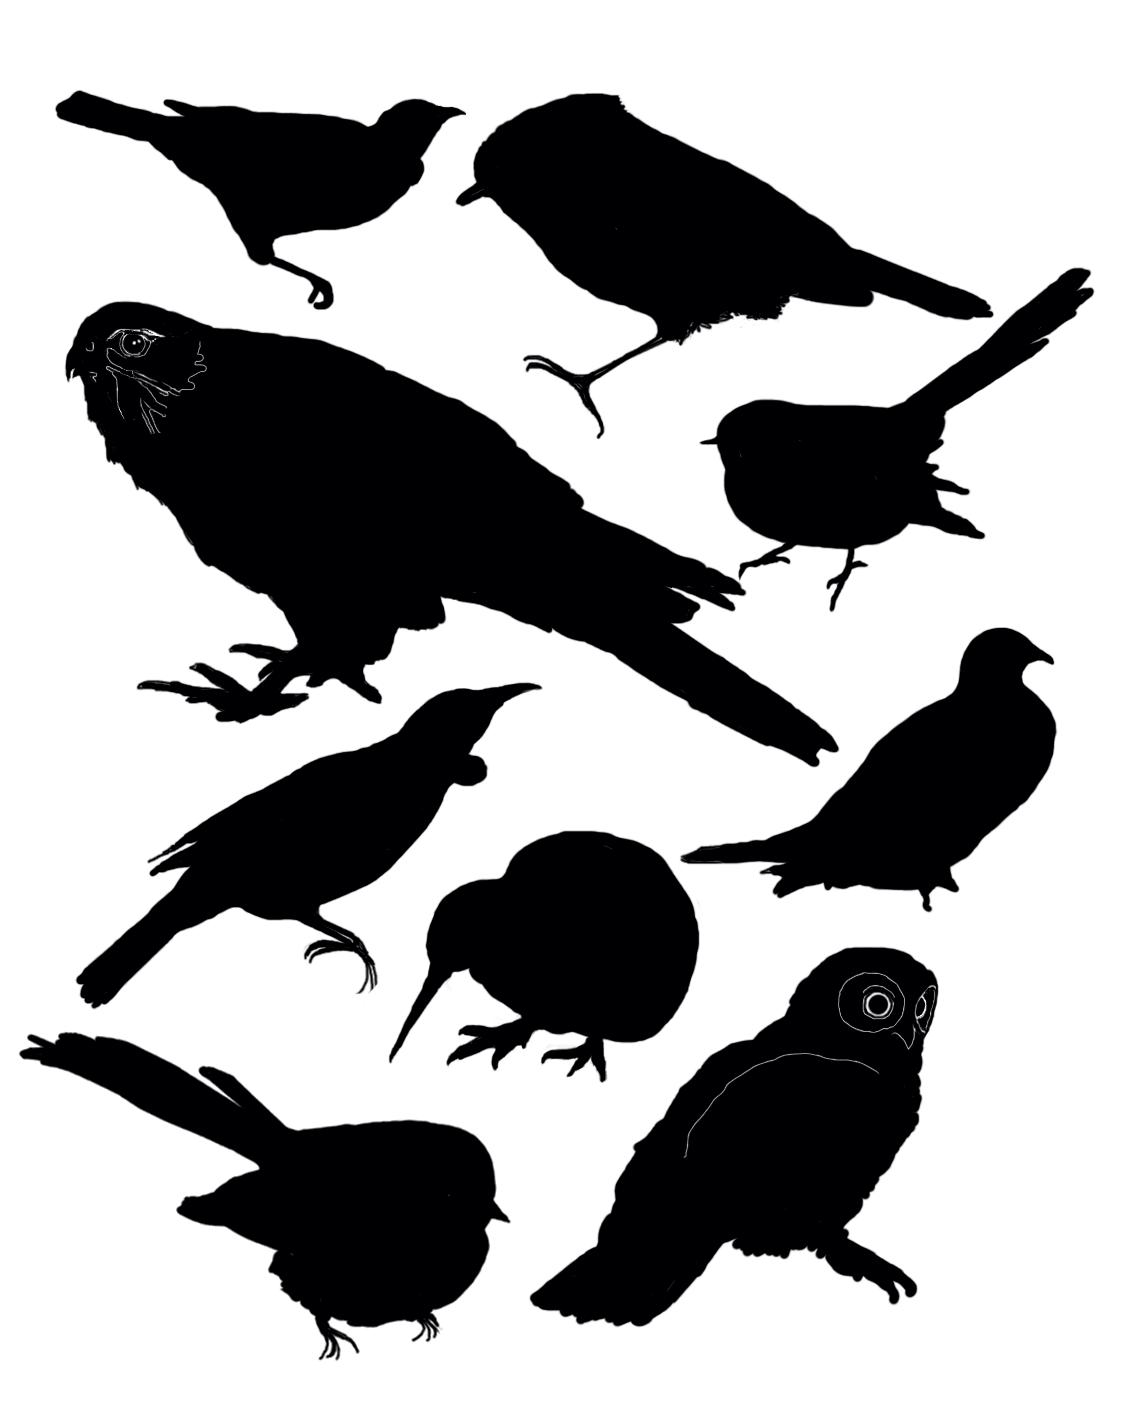 New Zealand bird silhouettes | birds | Pinterest ...